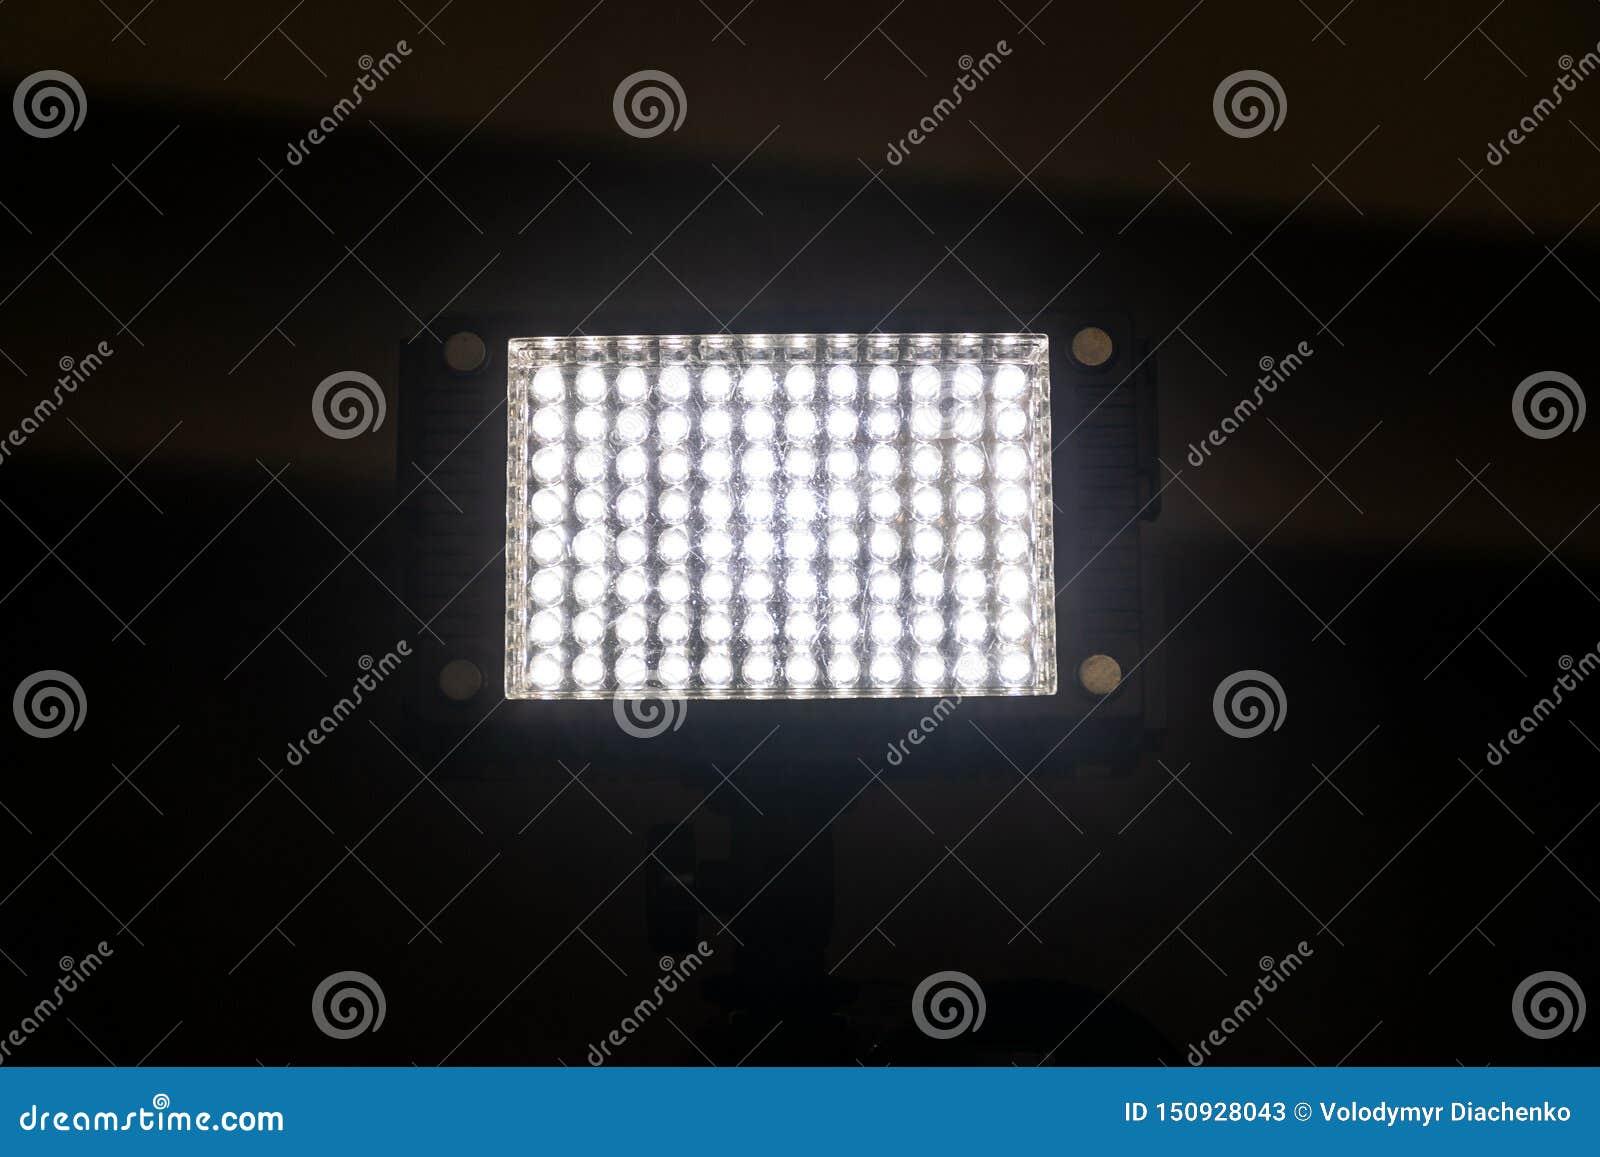 Helles starkes Licht einer rechteckigen Laterne mit LED